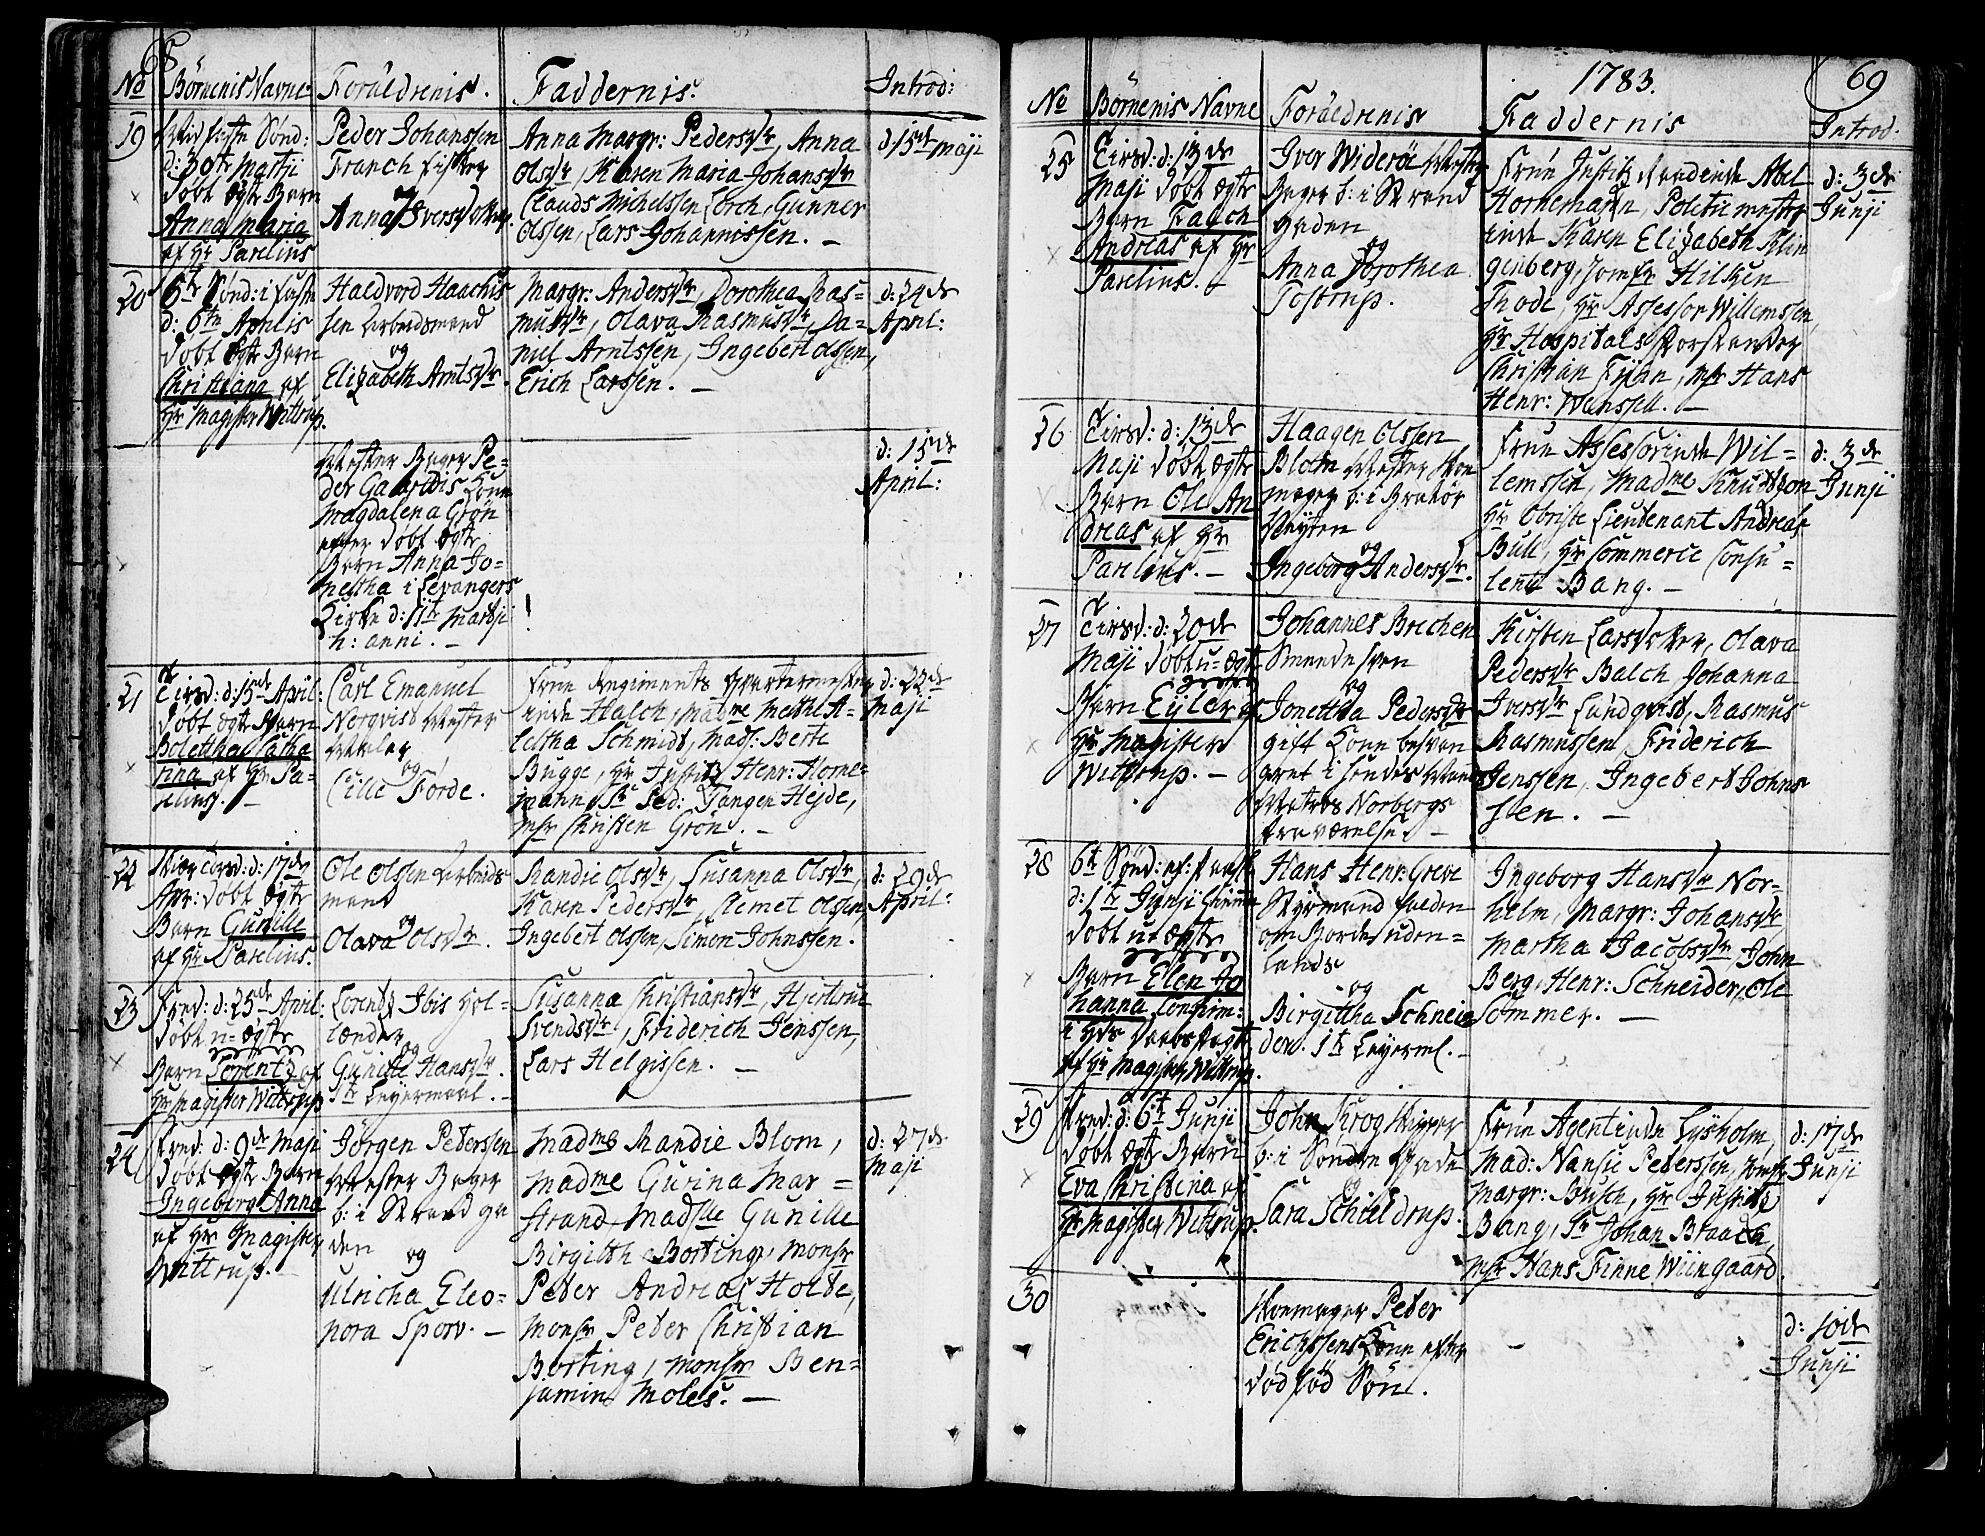 SAT, Ministerialprotokoller, klokkerbøker og fødselsregistre - Sør-Trøndelag, 602/L0104: Ministerialbok nr. 602A02, 1774-1814, s. 68-69